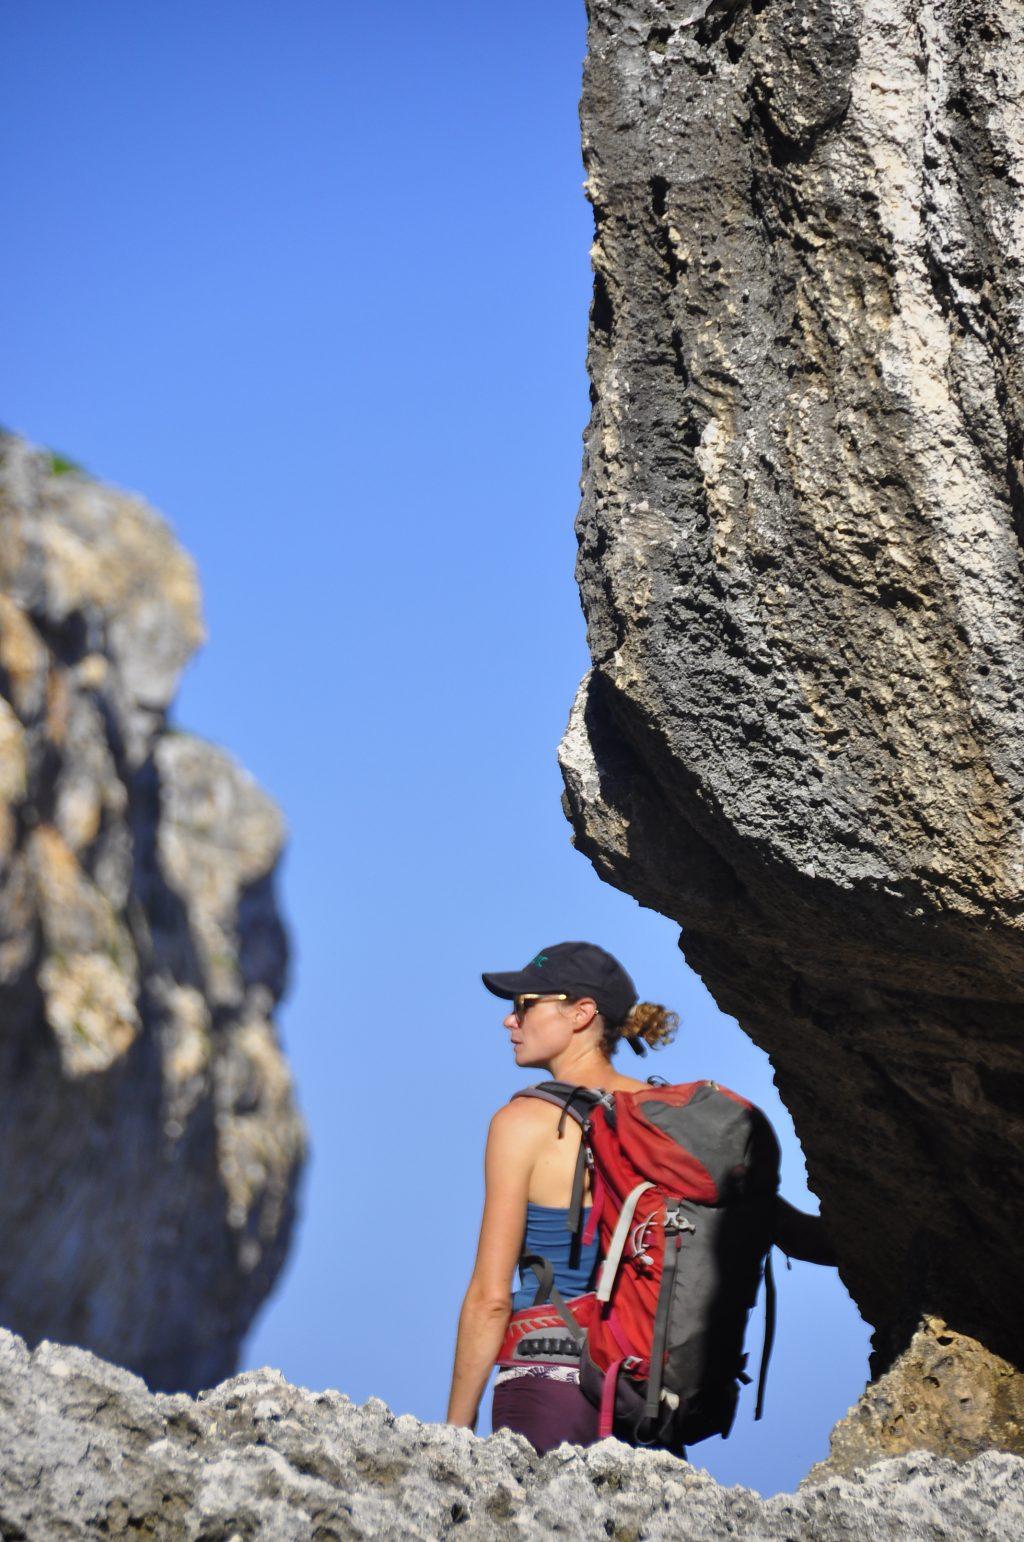 Climbing Cayman Brac - Approach